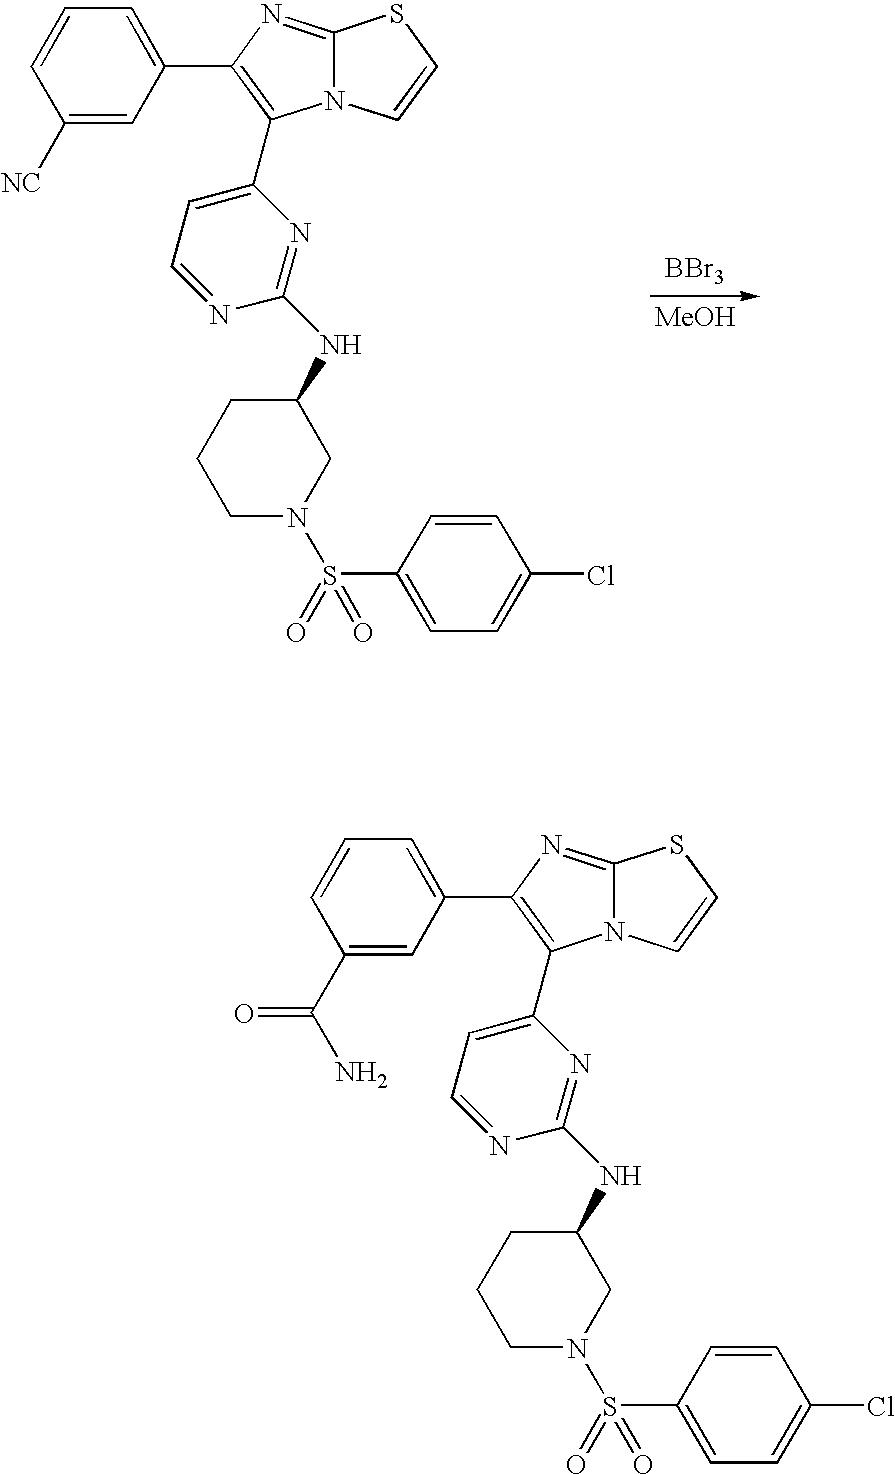 Figure US20090136499A1-20090528-C00052